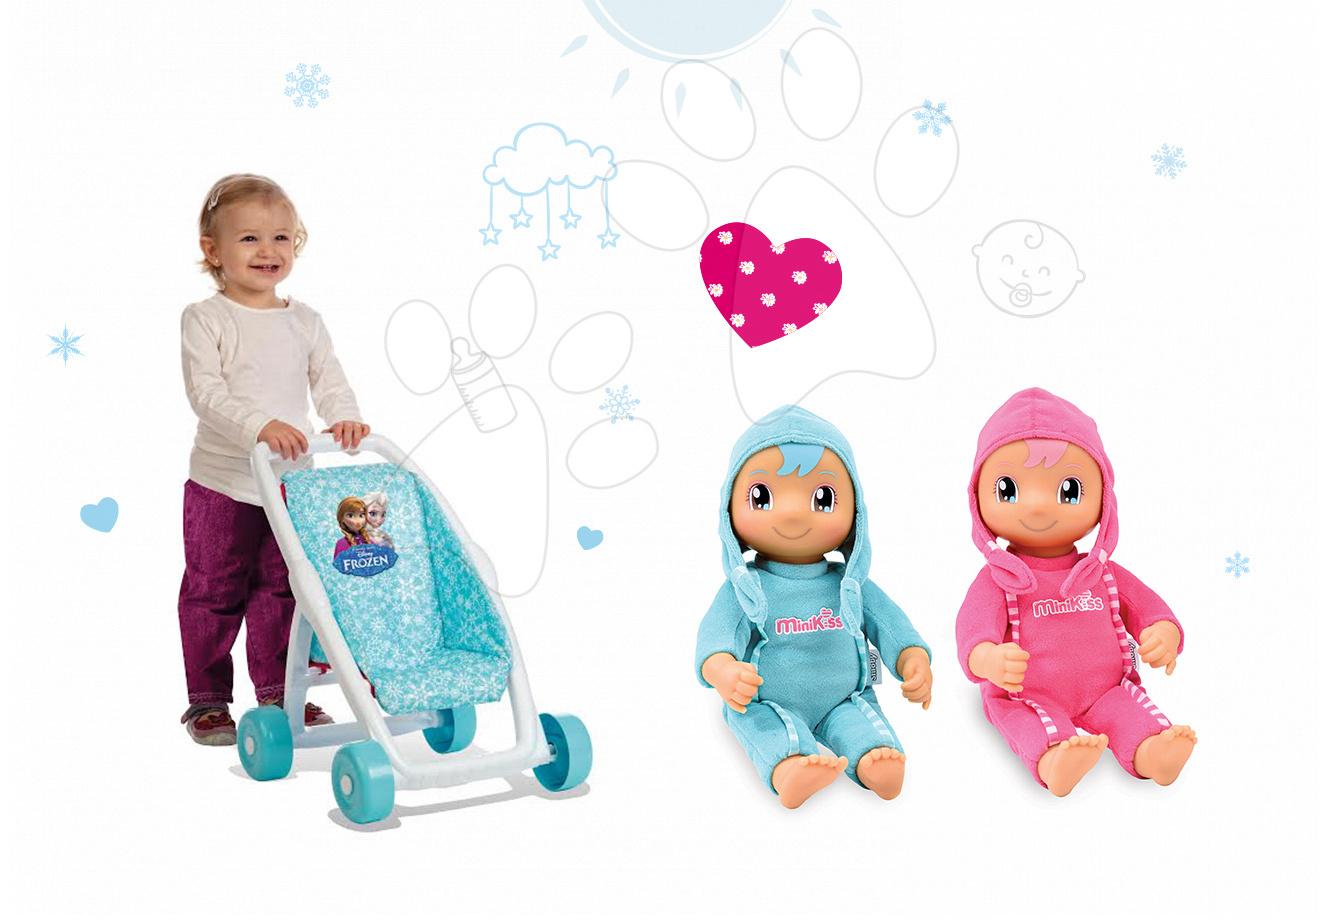 Set kočárek pro panenku Frozen Smoby bugina (49 cm rukojeť) a panenka se zvukem MiniKiss od 18 měsíců